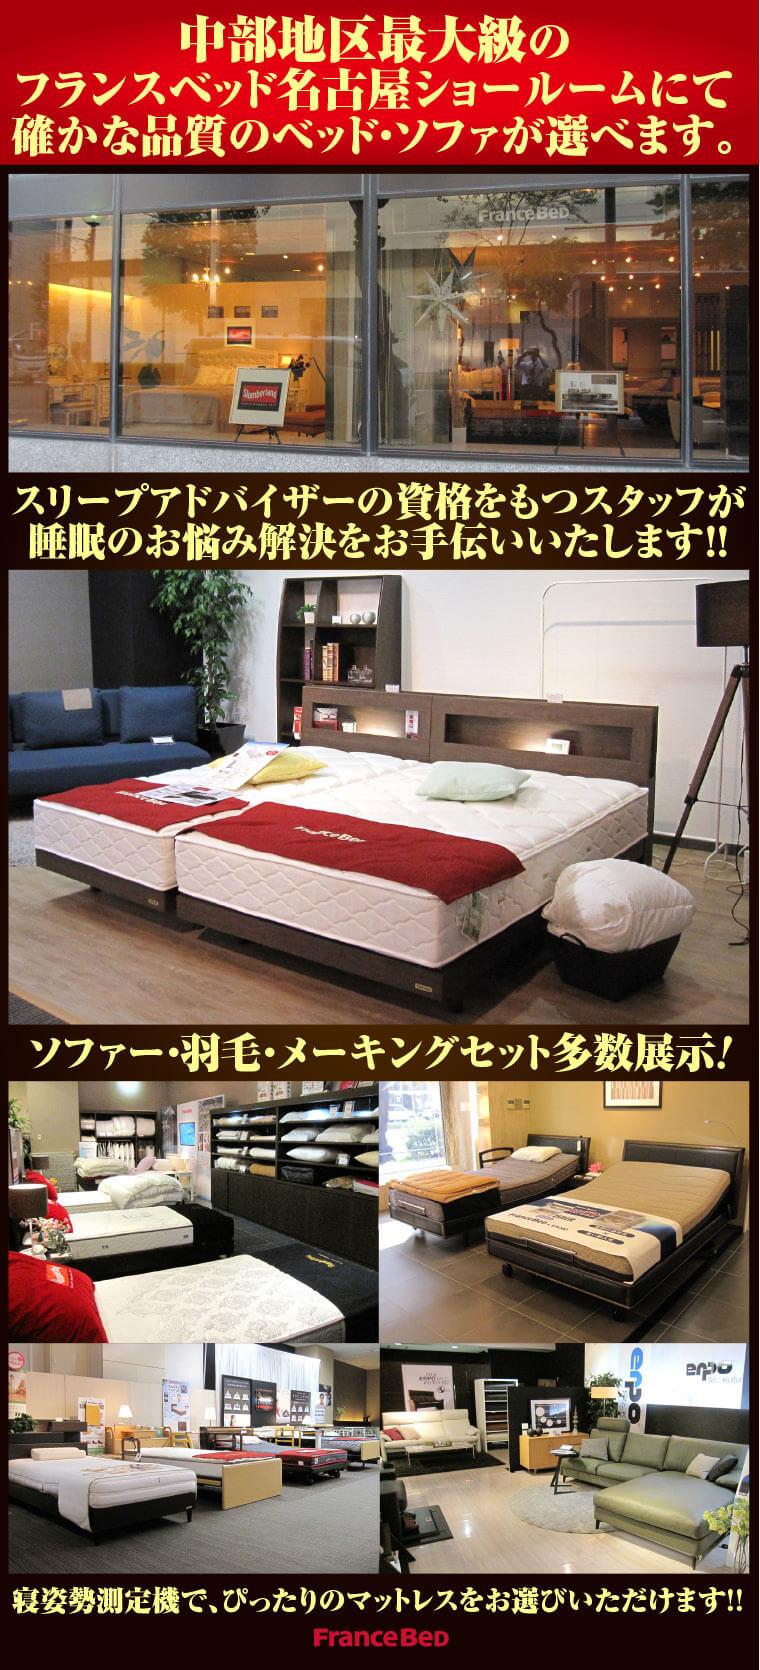 フランスベッド名古屋ショールーム